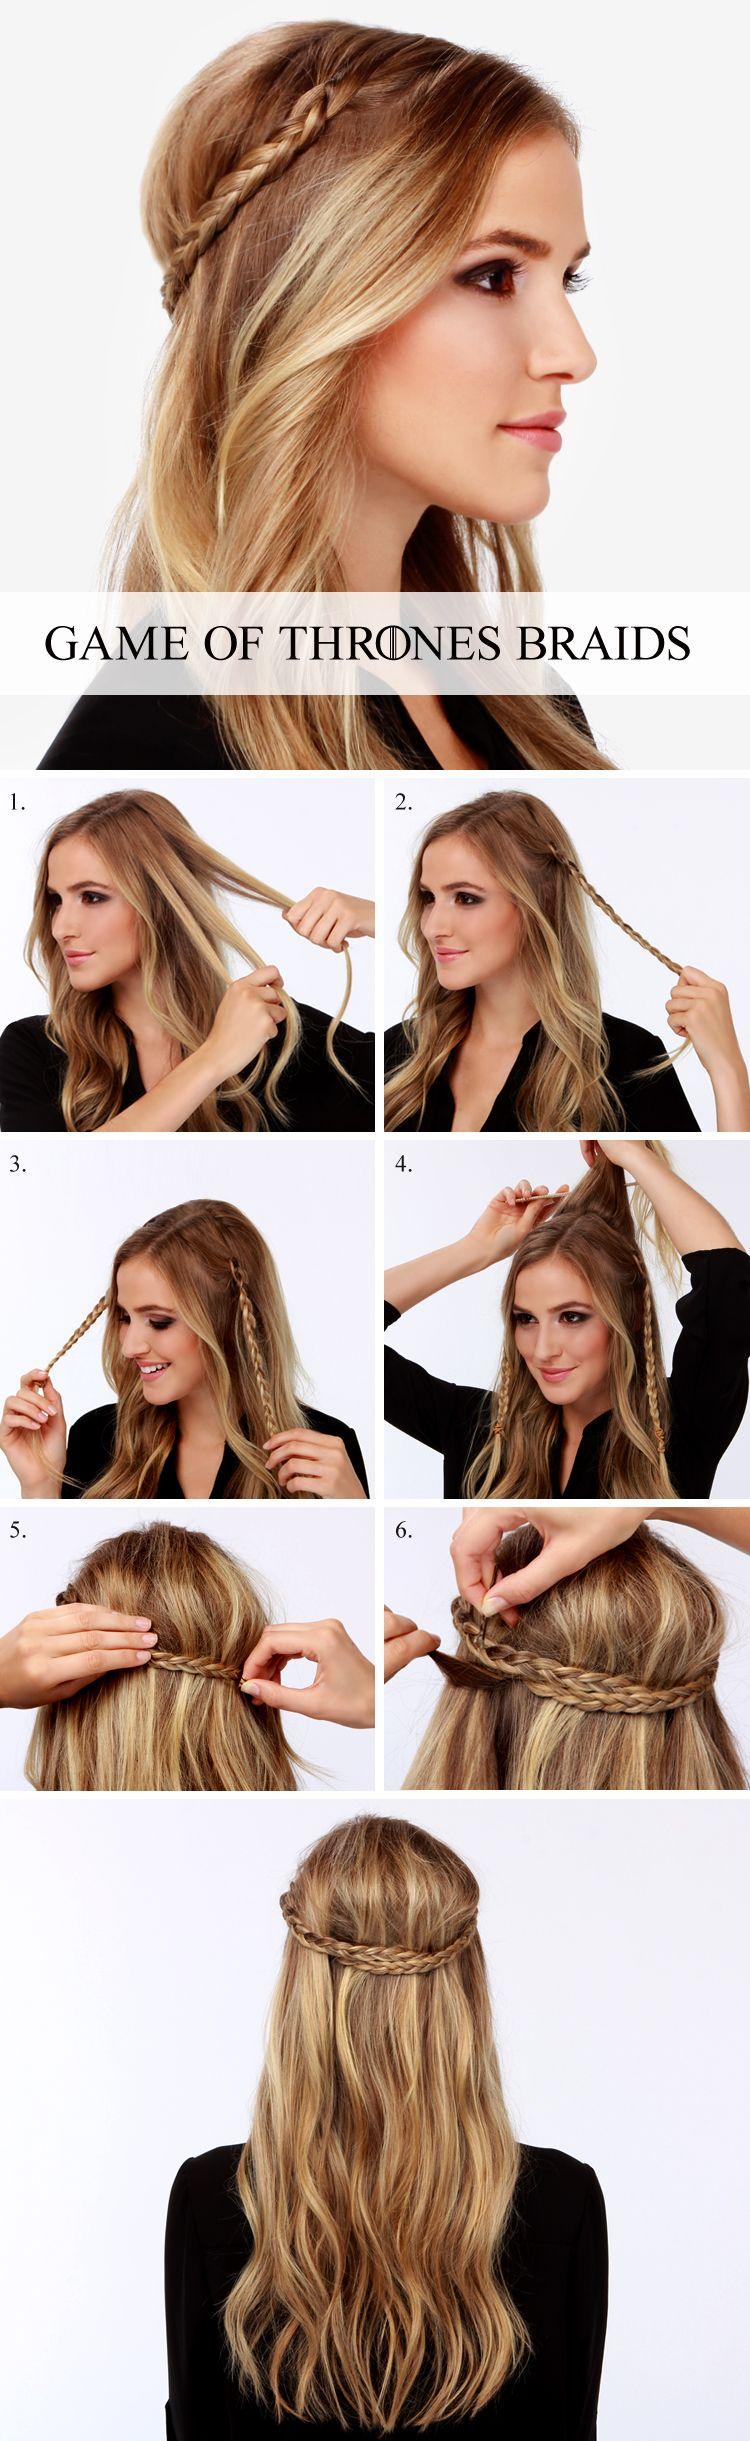 Game Of Thrones Braid Tutorial #hair  Lulus  Nobody Wears Braids Quite  Like The